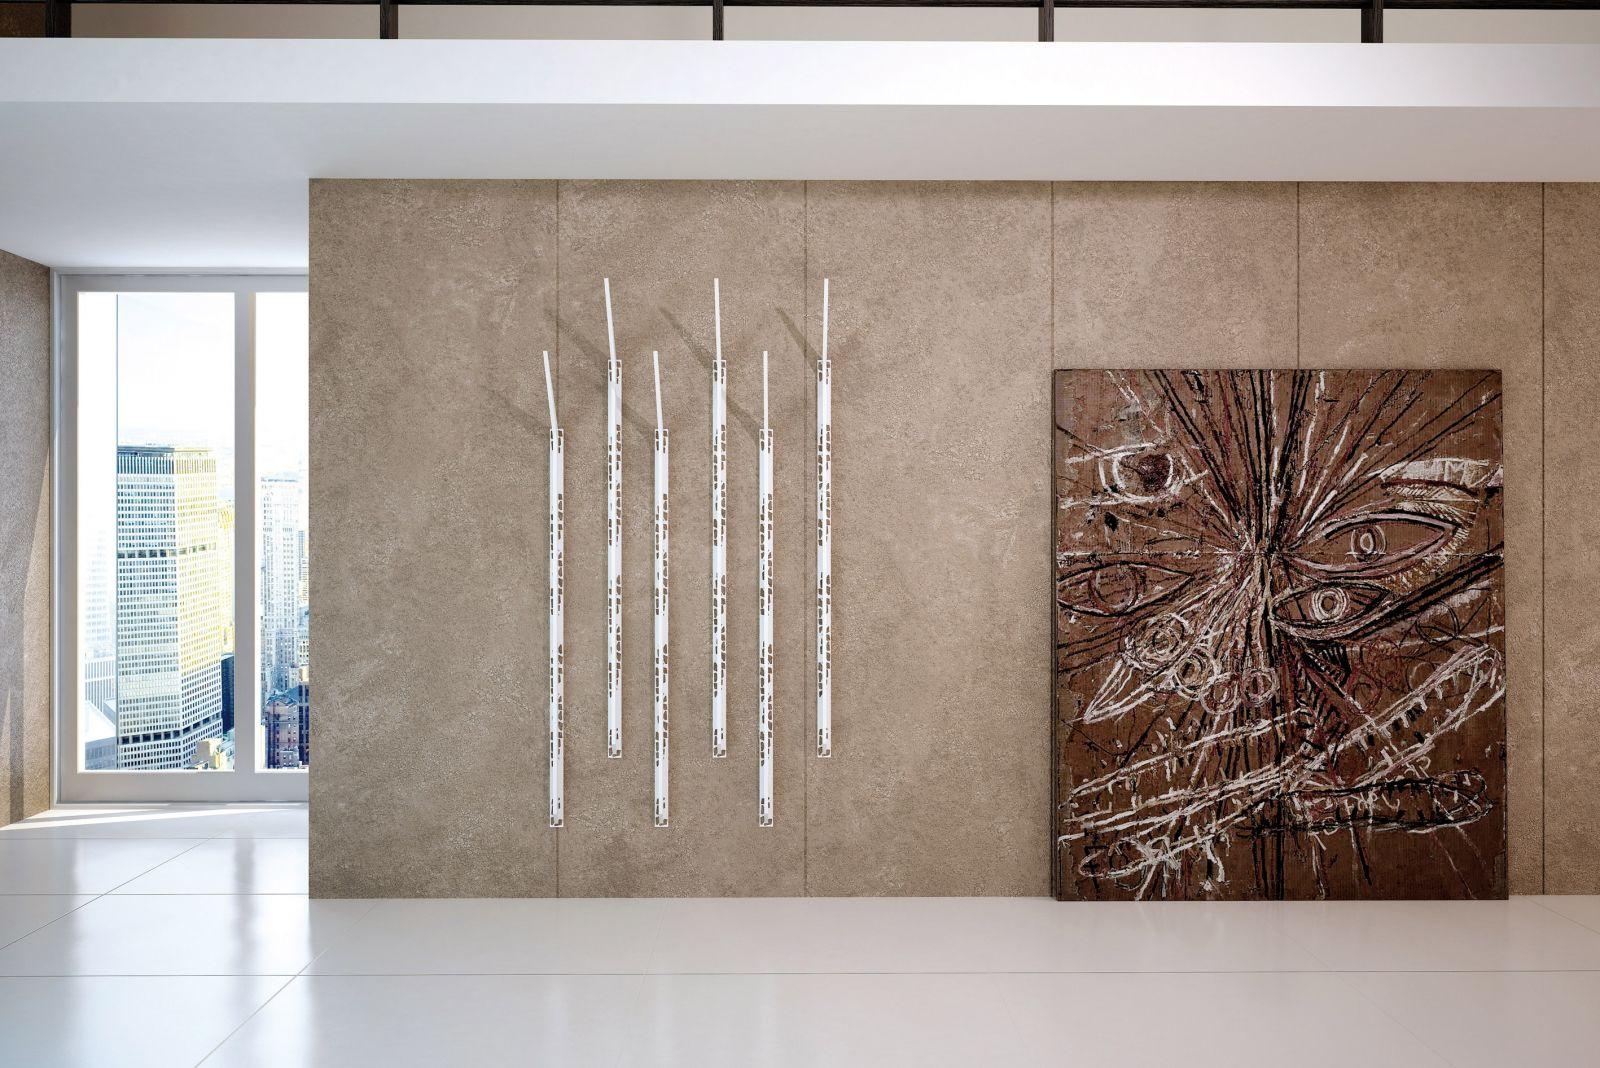 News su design ed architettura - Appendiabiti da parete di design ...